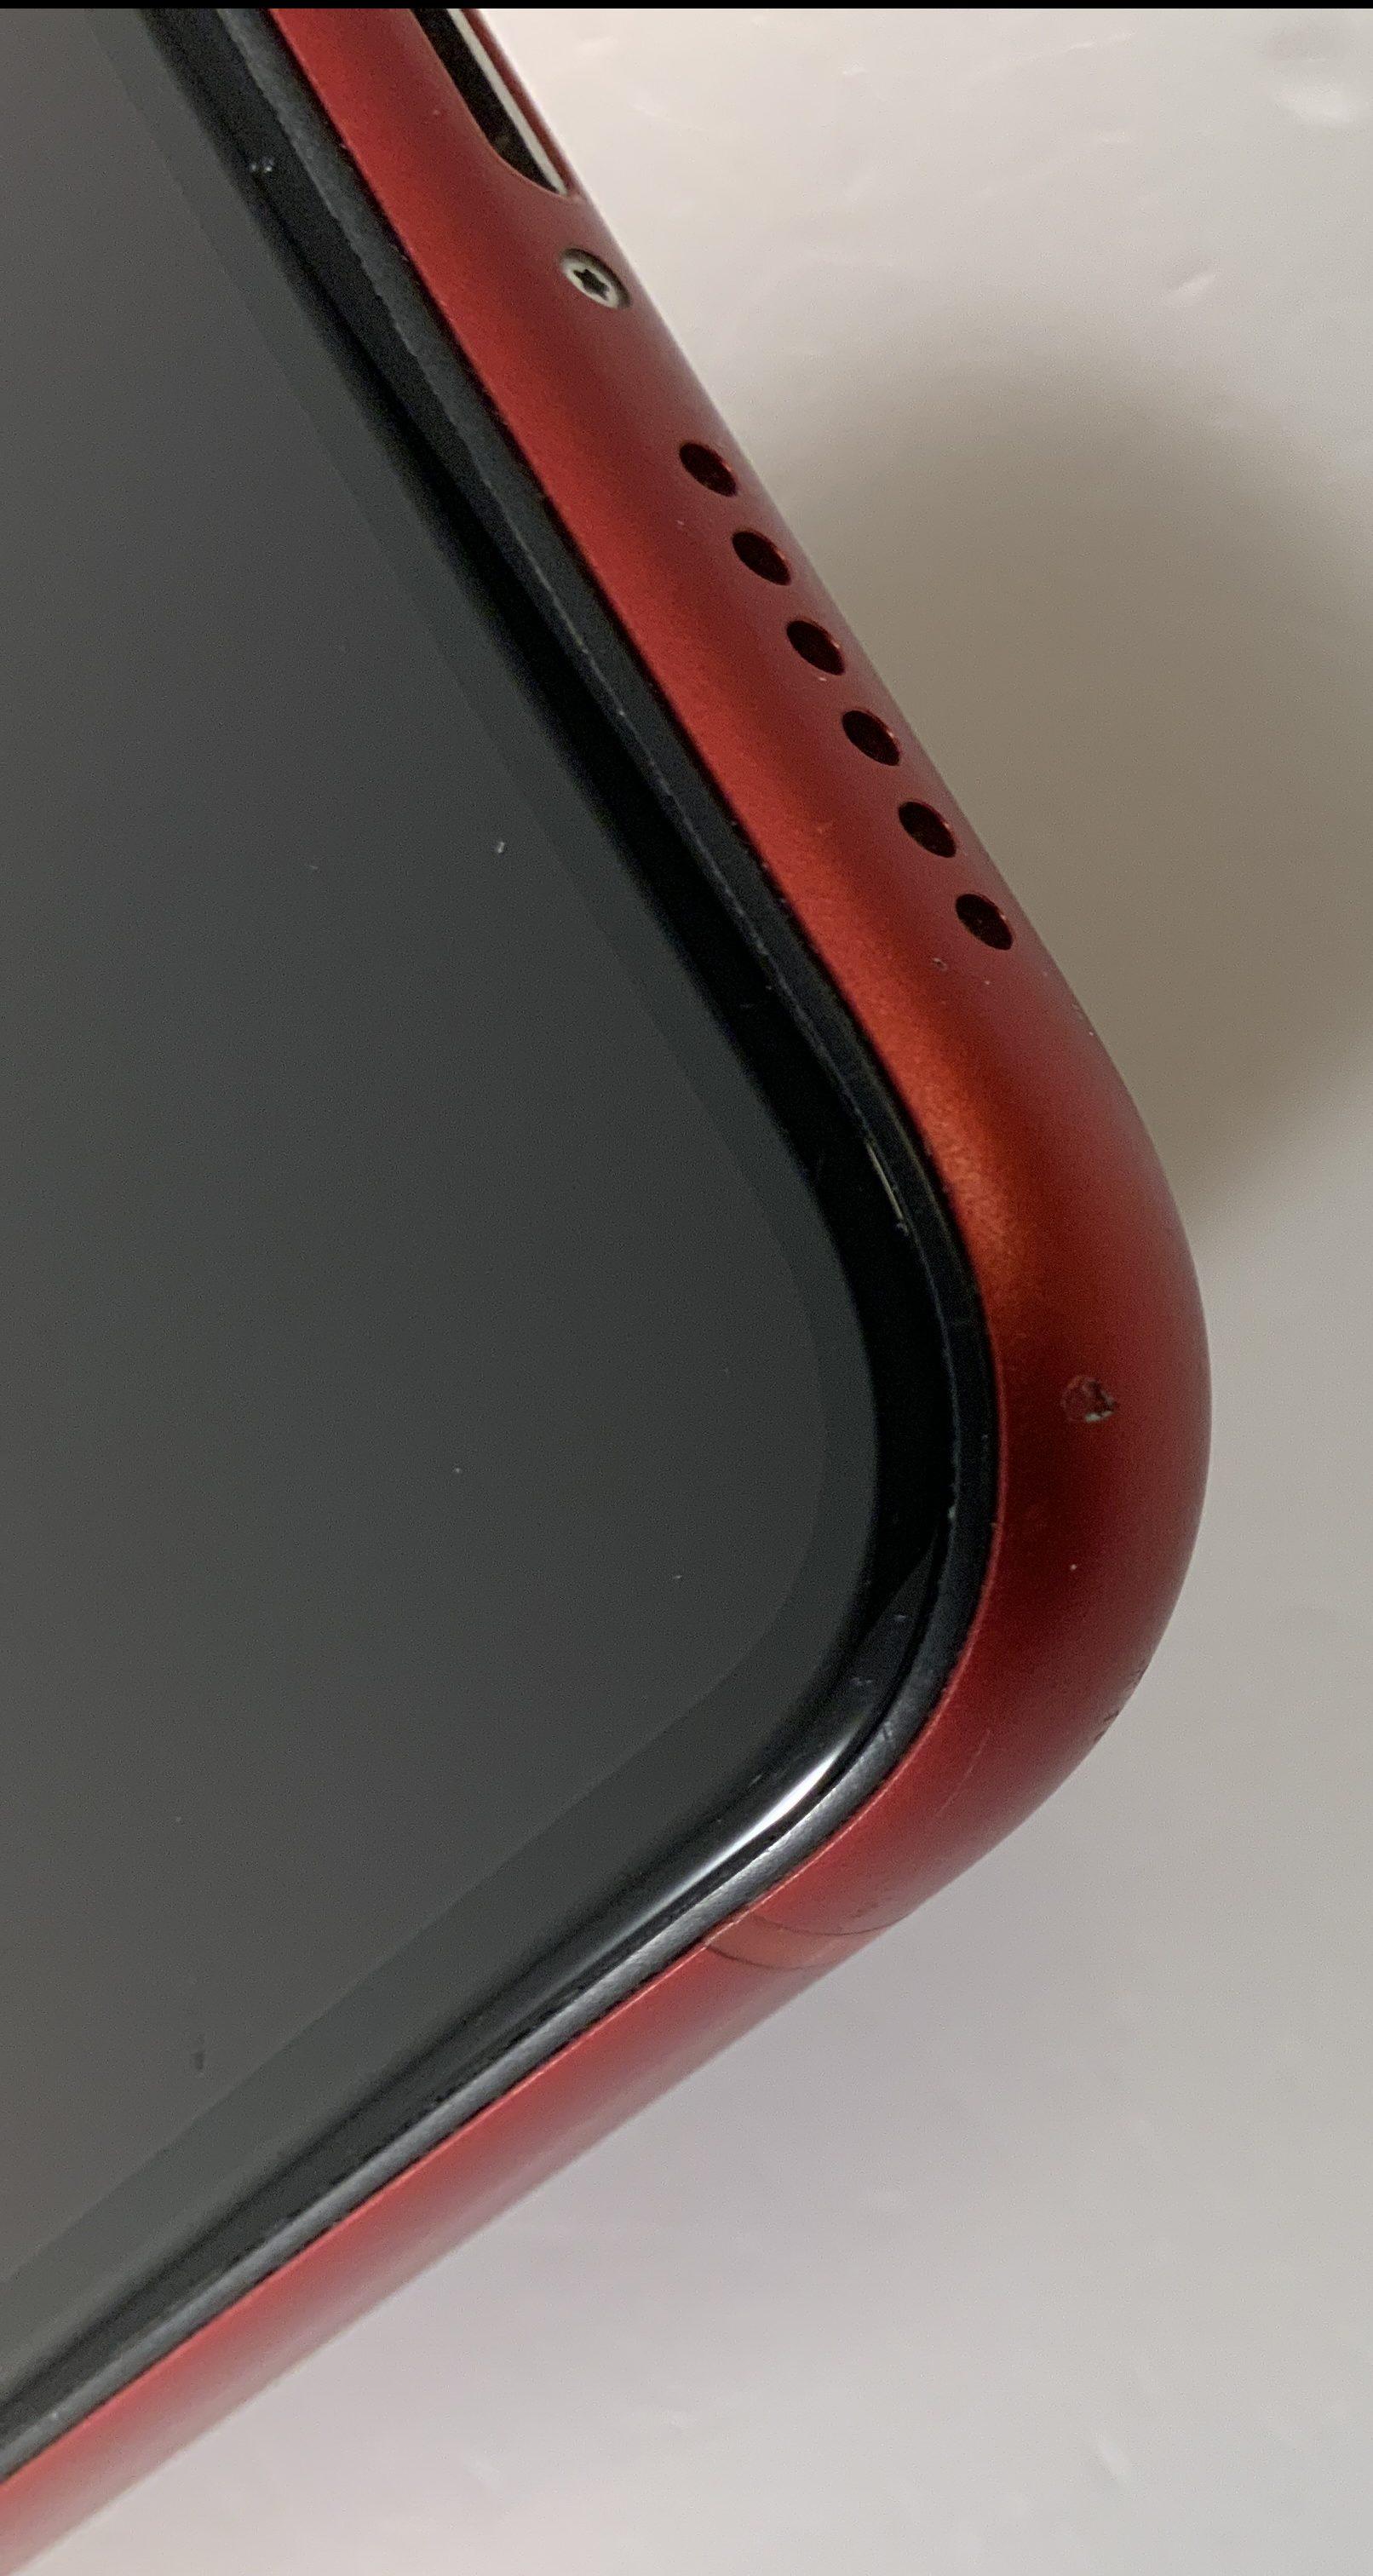 iPhone XR 256GB, 256GB, Red, Bild 5